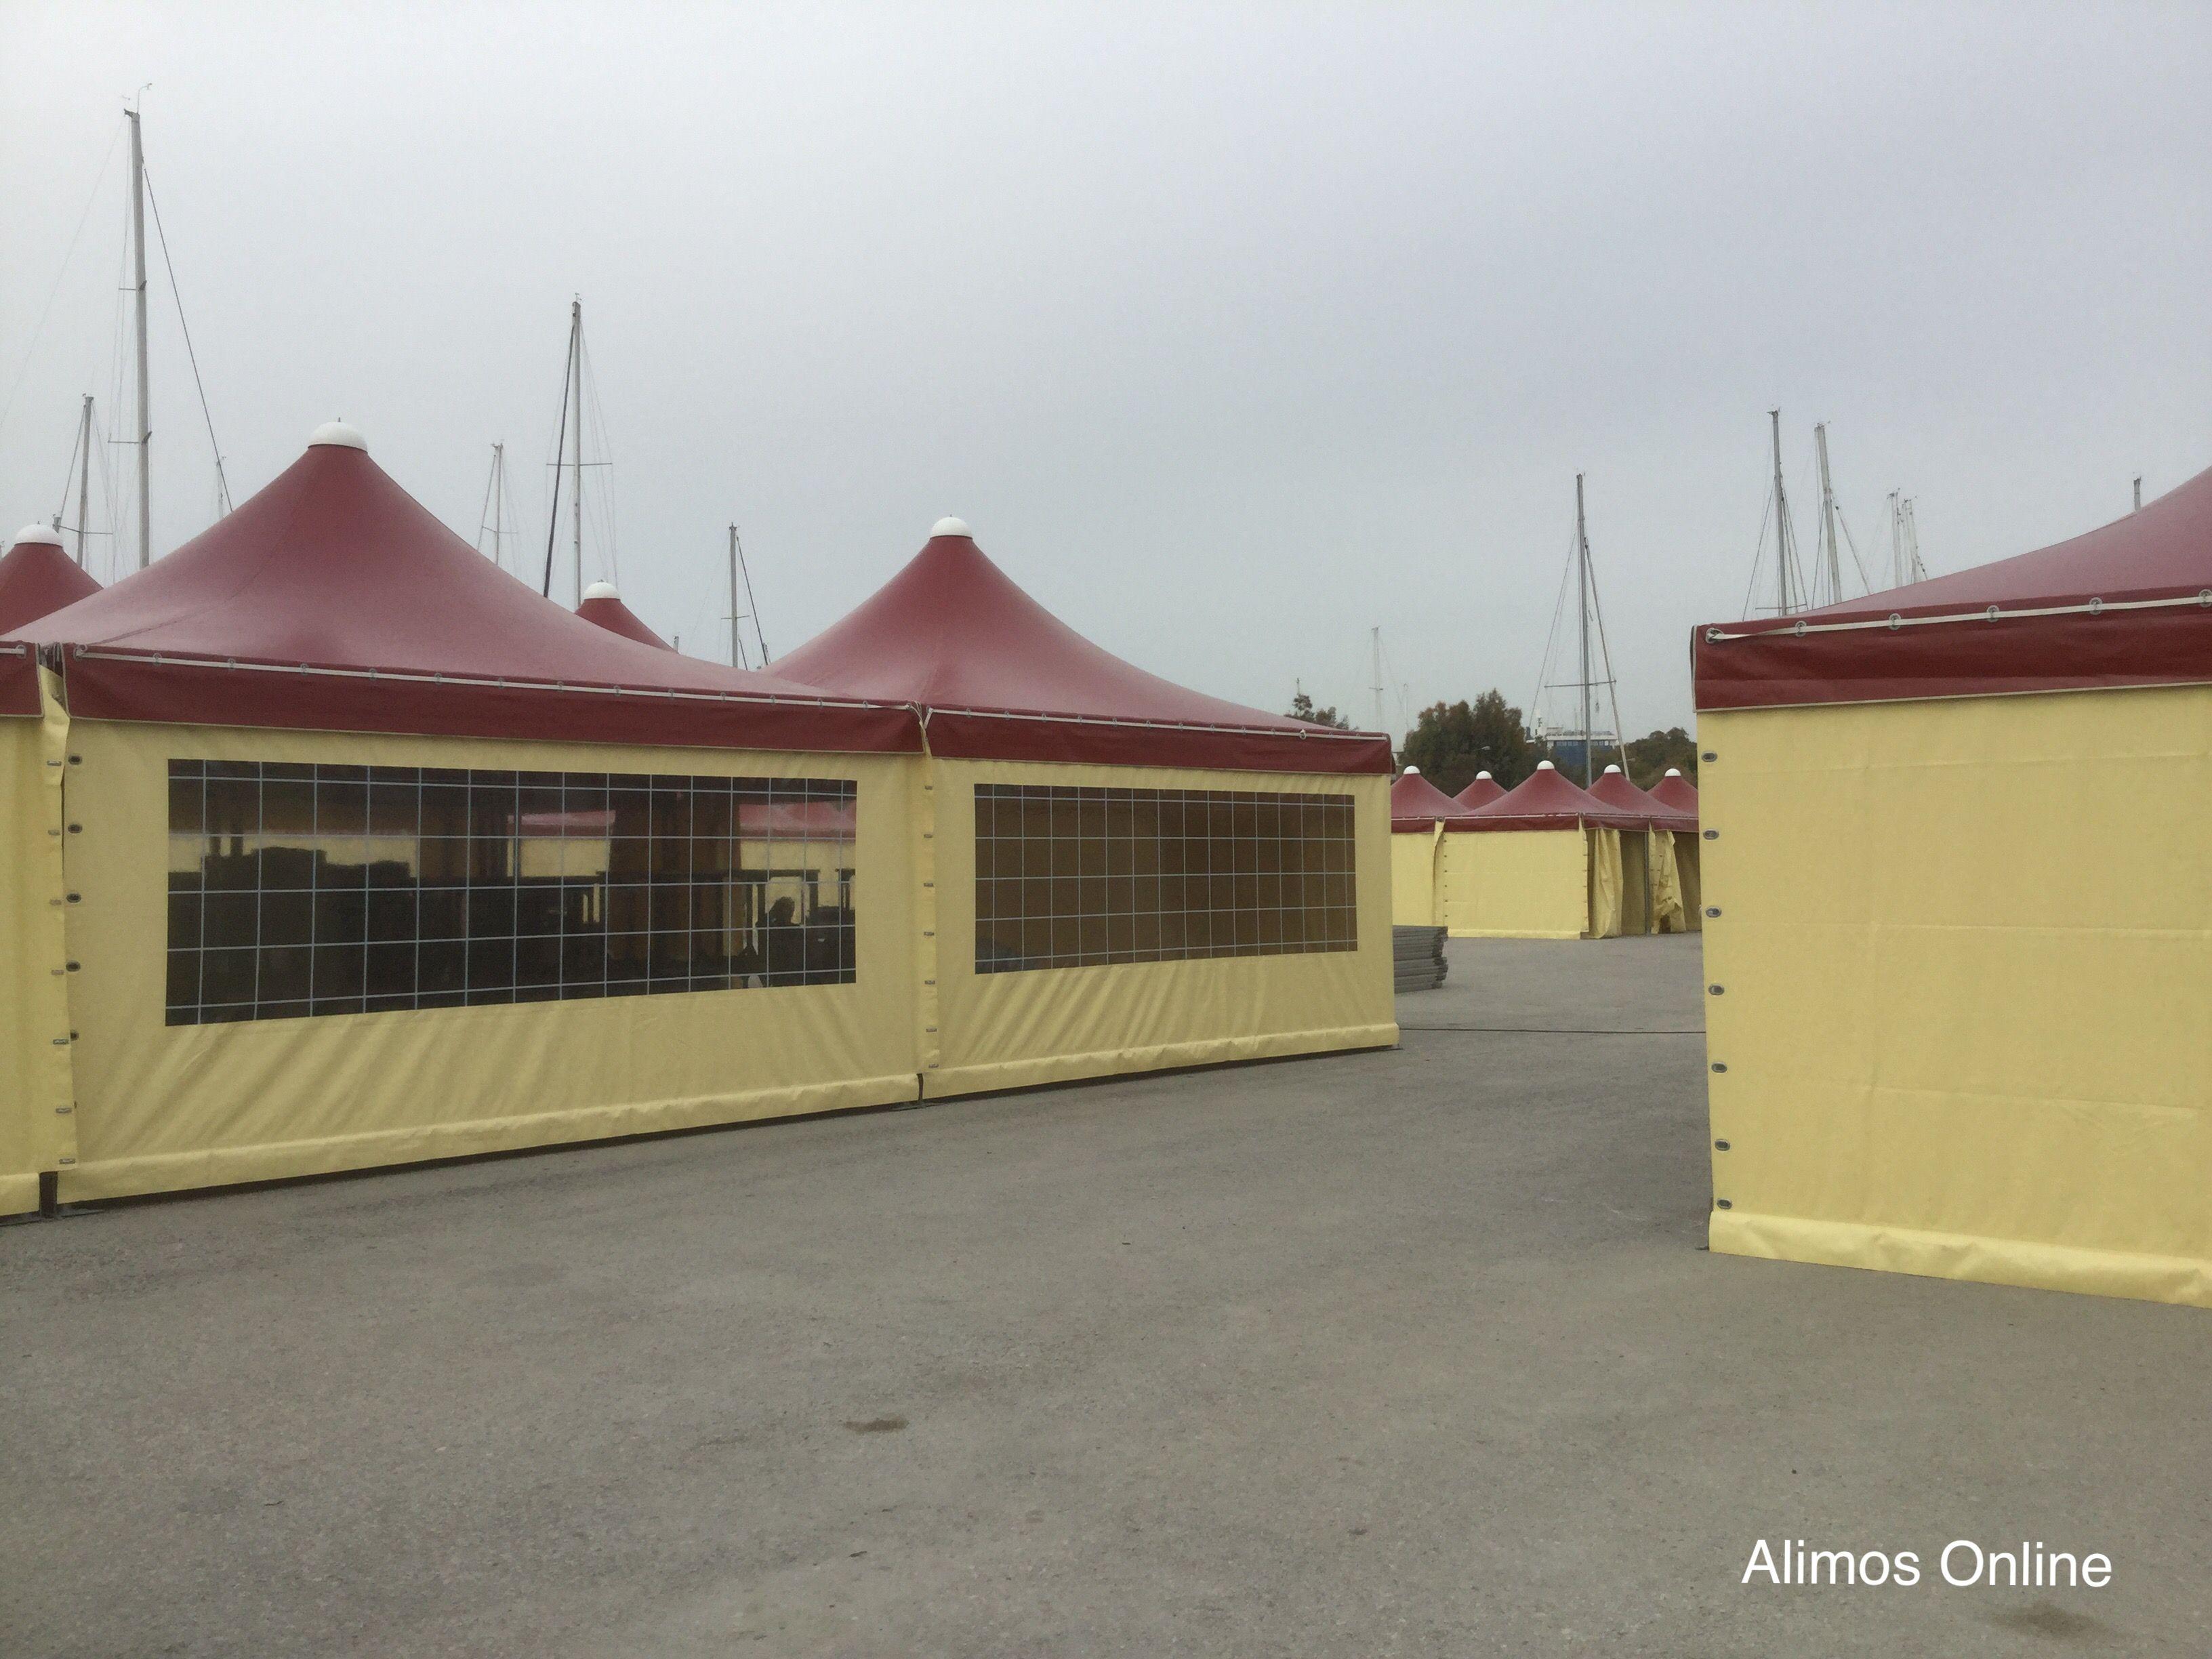 'Oλα είναι έτοιμα για το Yachting Festival που ξεκινάει αύριο στη Μαρίνα Αλίμου